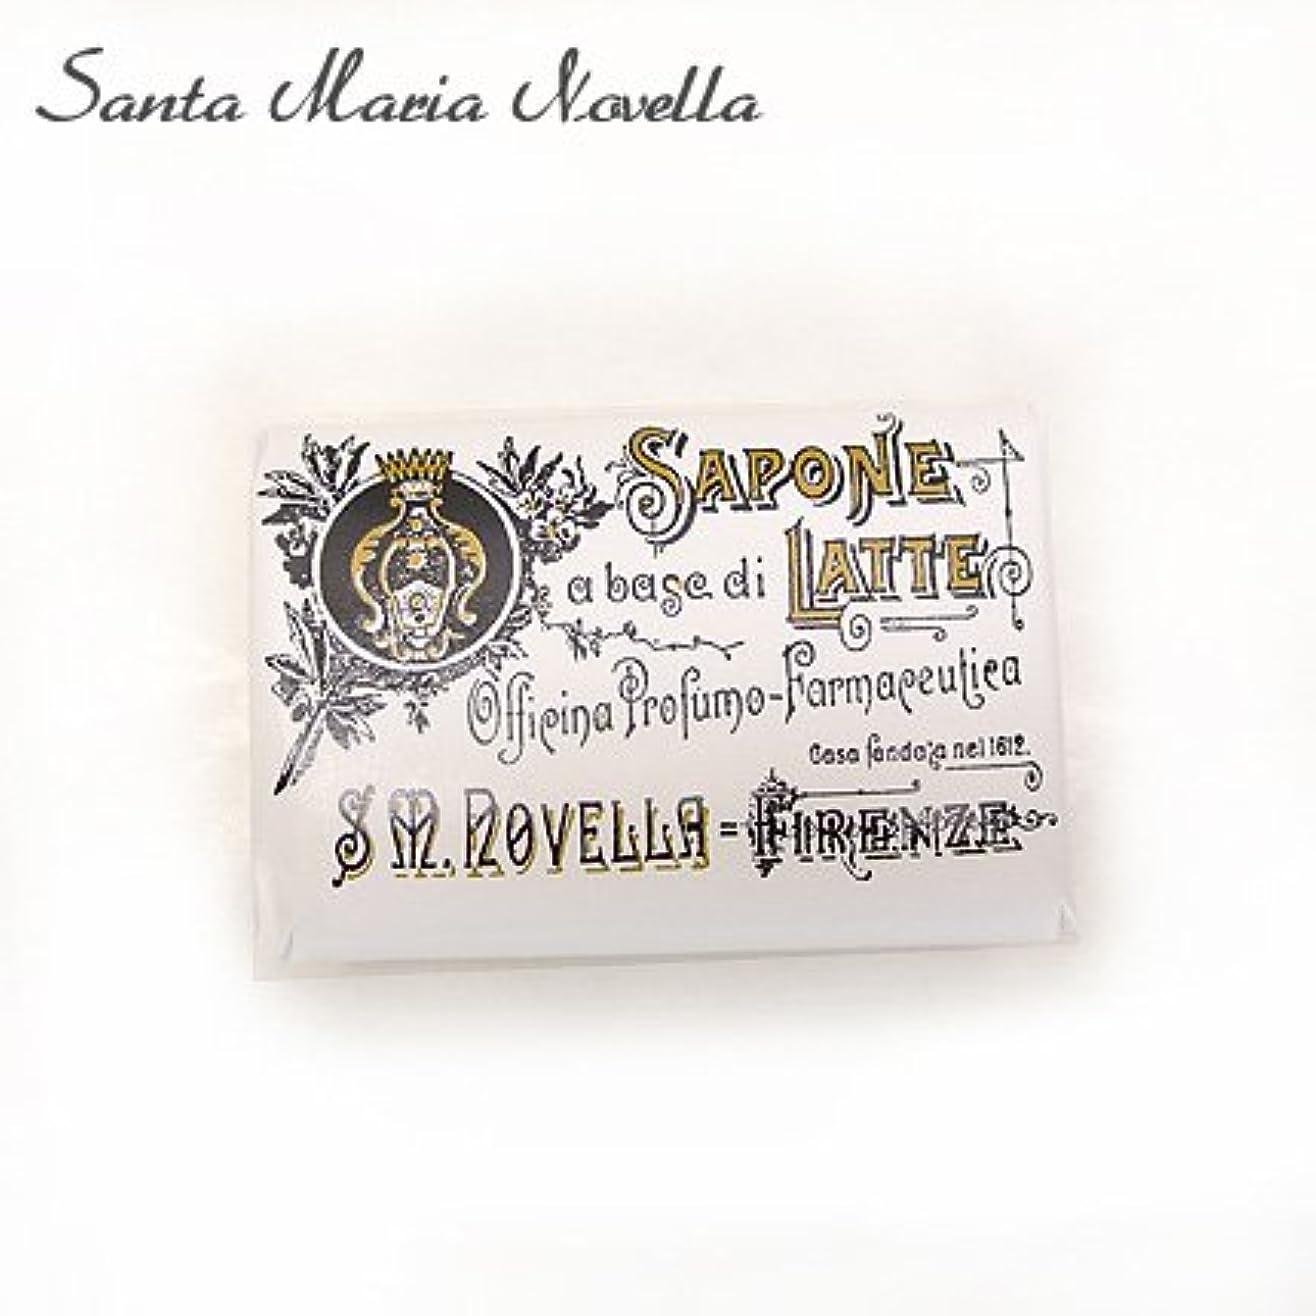 オーロックここにケイ素【Santa Maria Novella(サンタマリアノヴェッラ)】 石鹸 ミルクソープ カーネーション 100g (38940217) [並行輸入品]